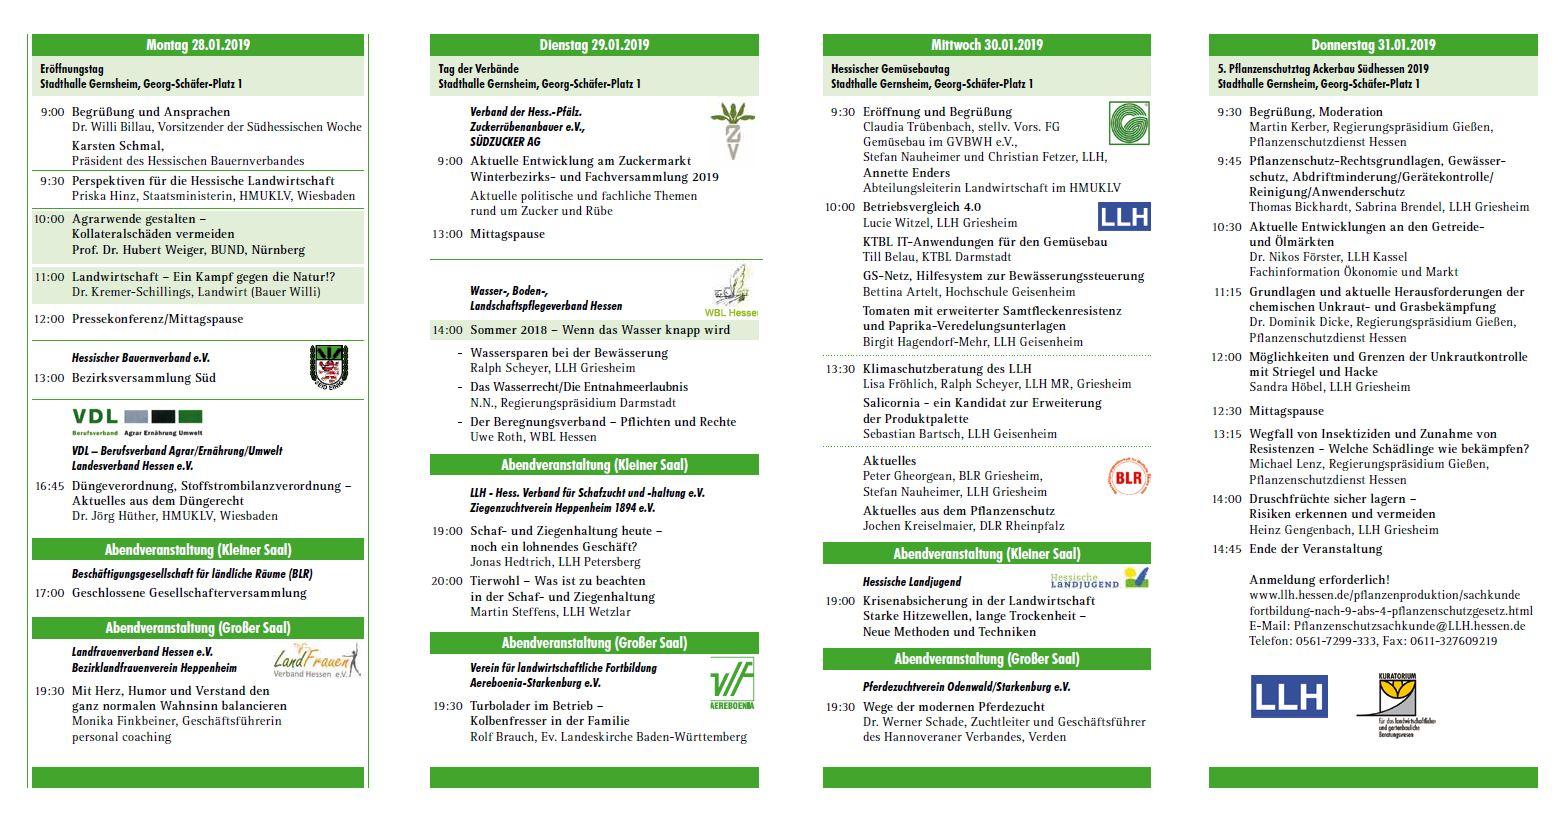 Programm Südhessische Woche 2019